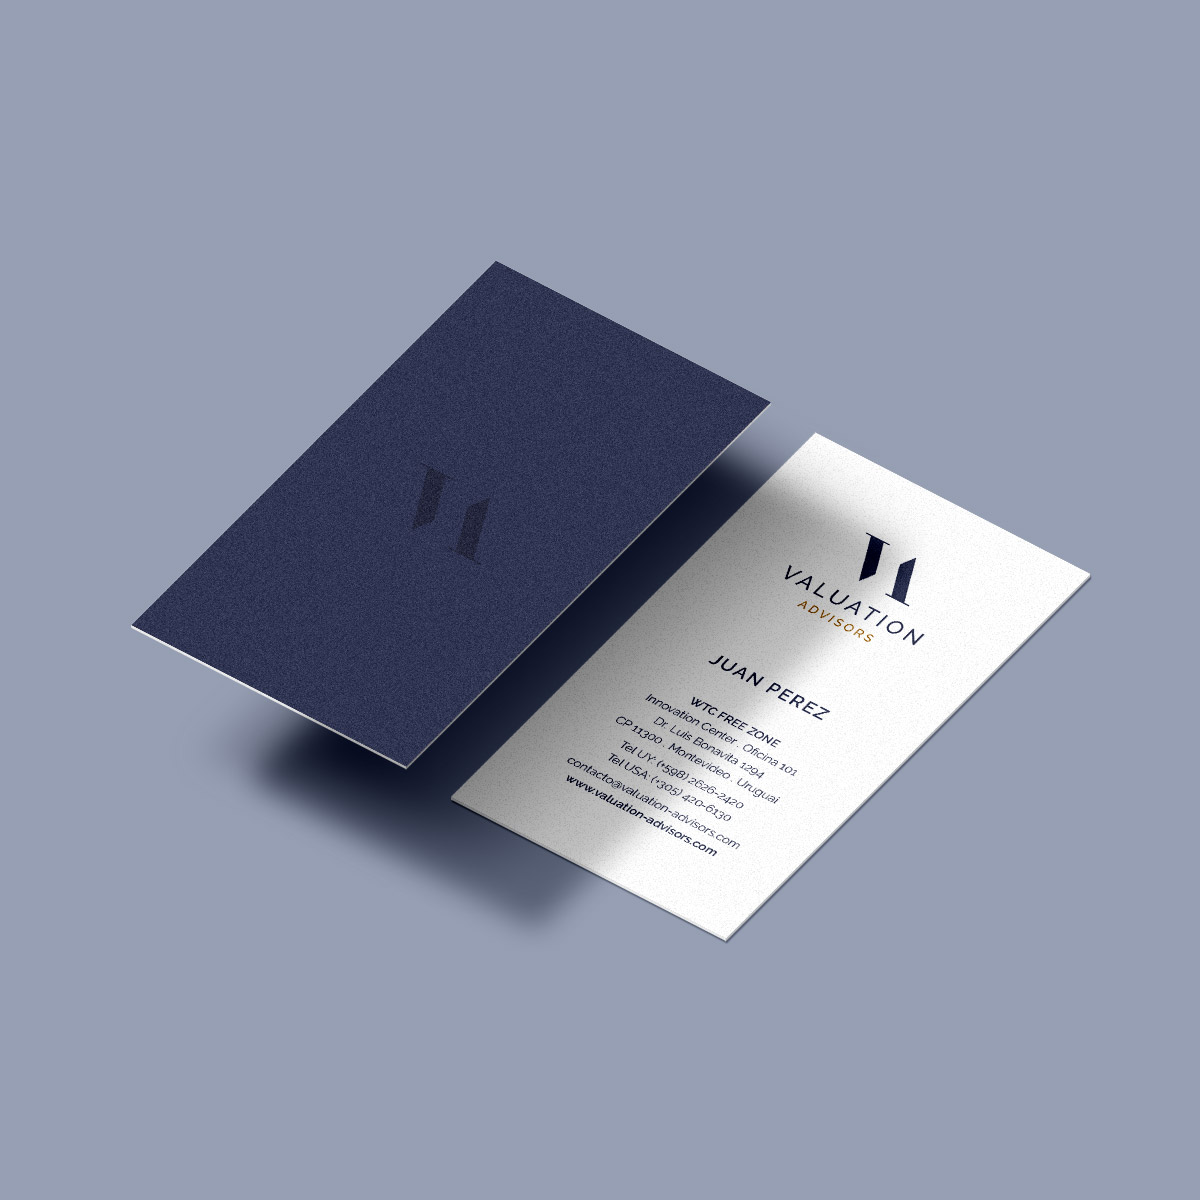 Projeto de Branding Valuation Advisors - Cartão de Visitas